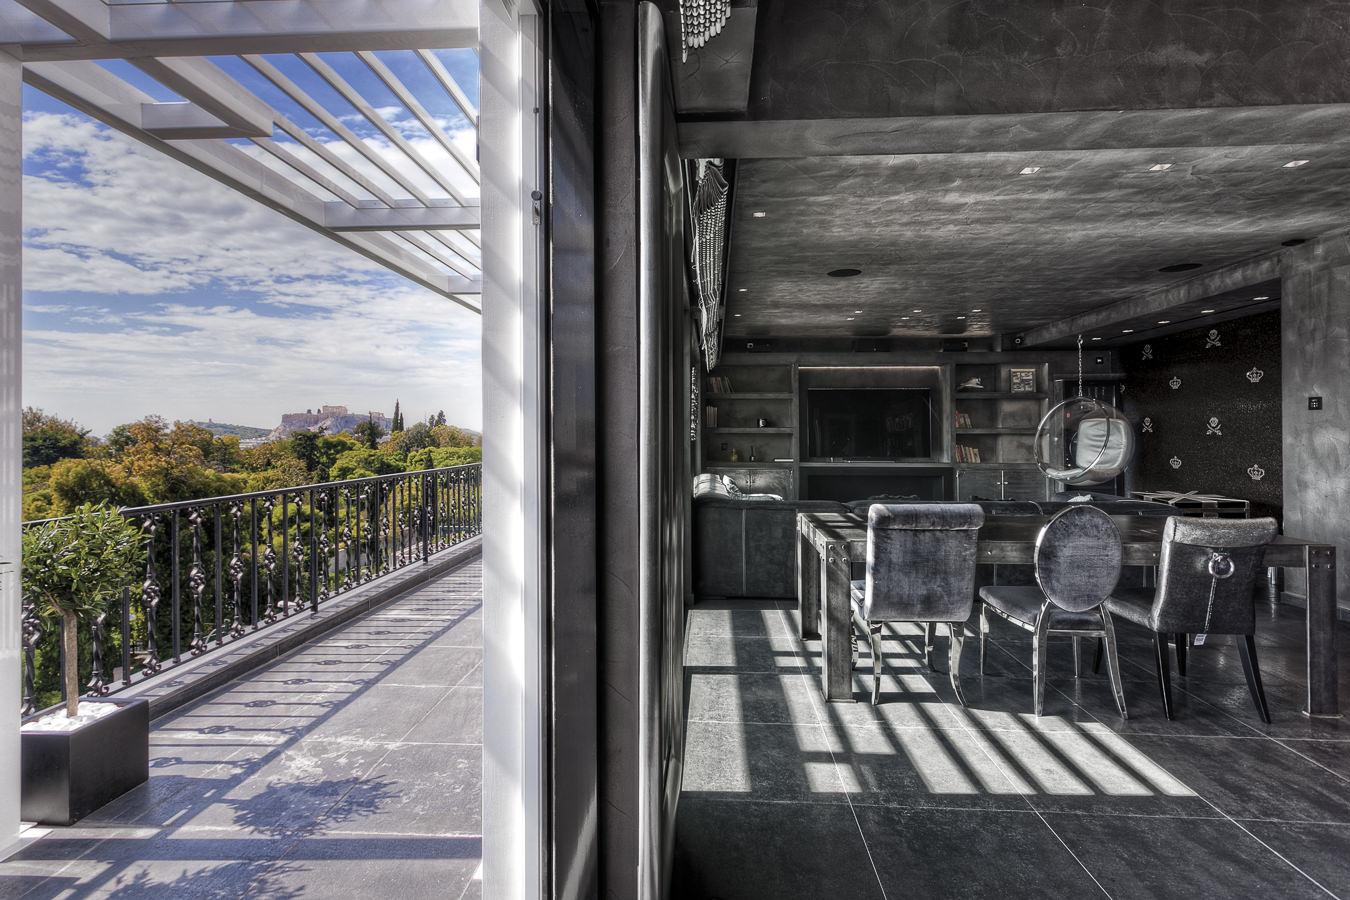 DARK BACKGROUND, Γιώργος Φάκαρος - Αρχιτεκτονική Φωτογραφία | Εσωτερικοί Χώροι | Φωτογραφία Ξενοδοχειών - Photography / Φωτογραφία